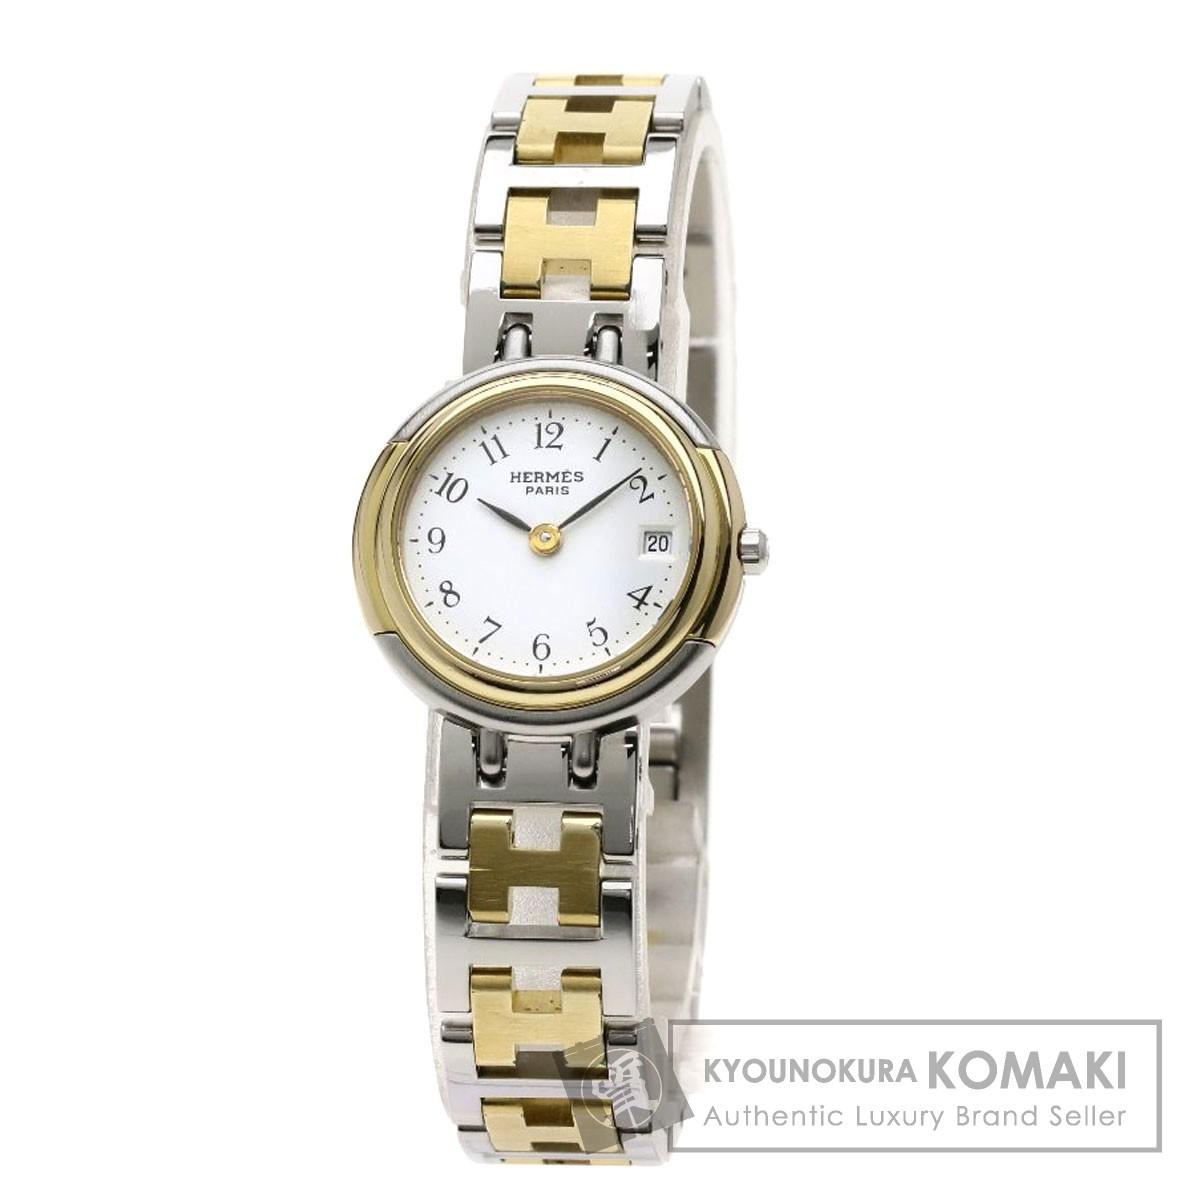 HERMES ウィンザ 腕時計 ステンレススチール/SSxGP レディース 【中古】【エルメス】